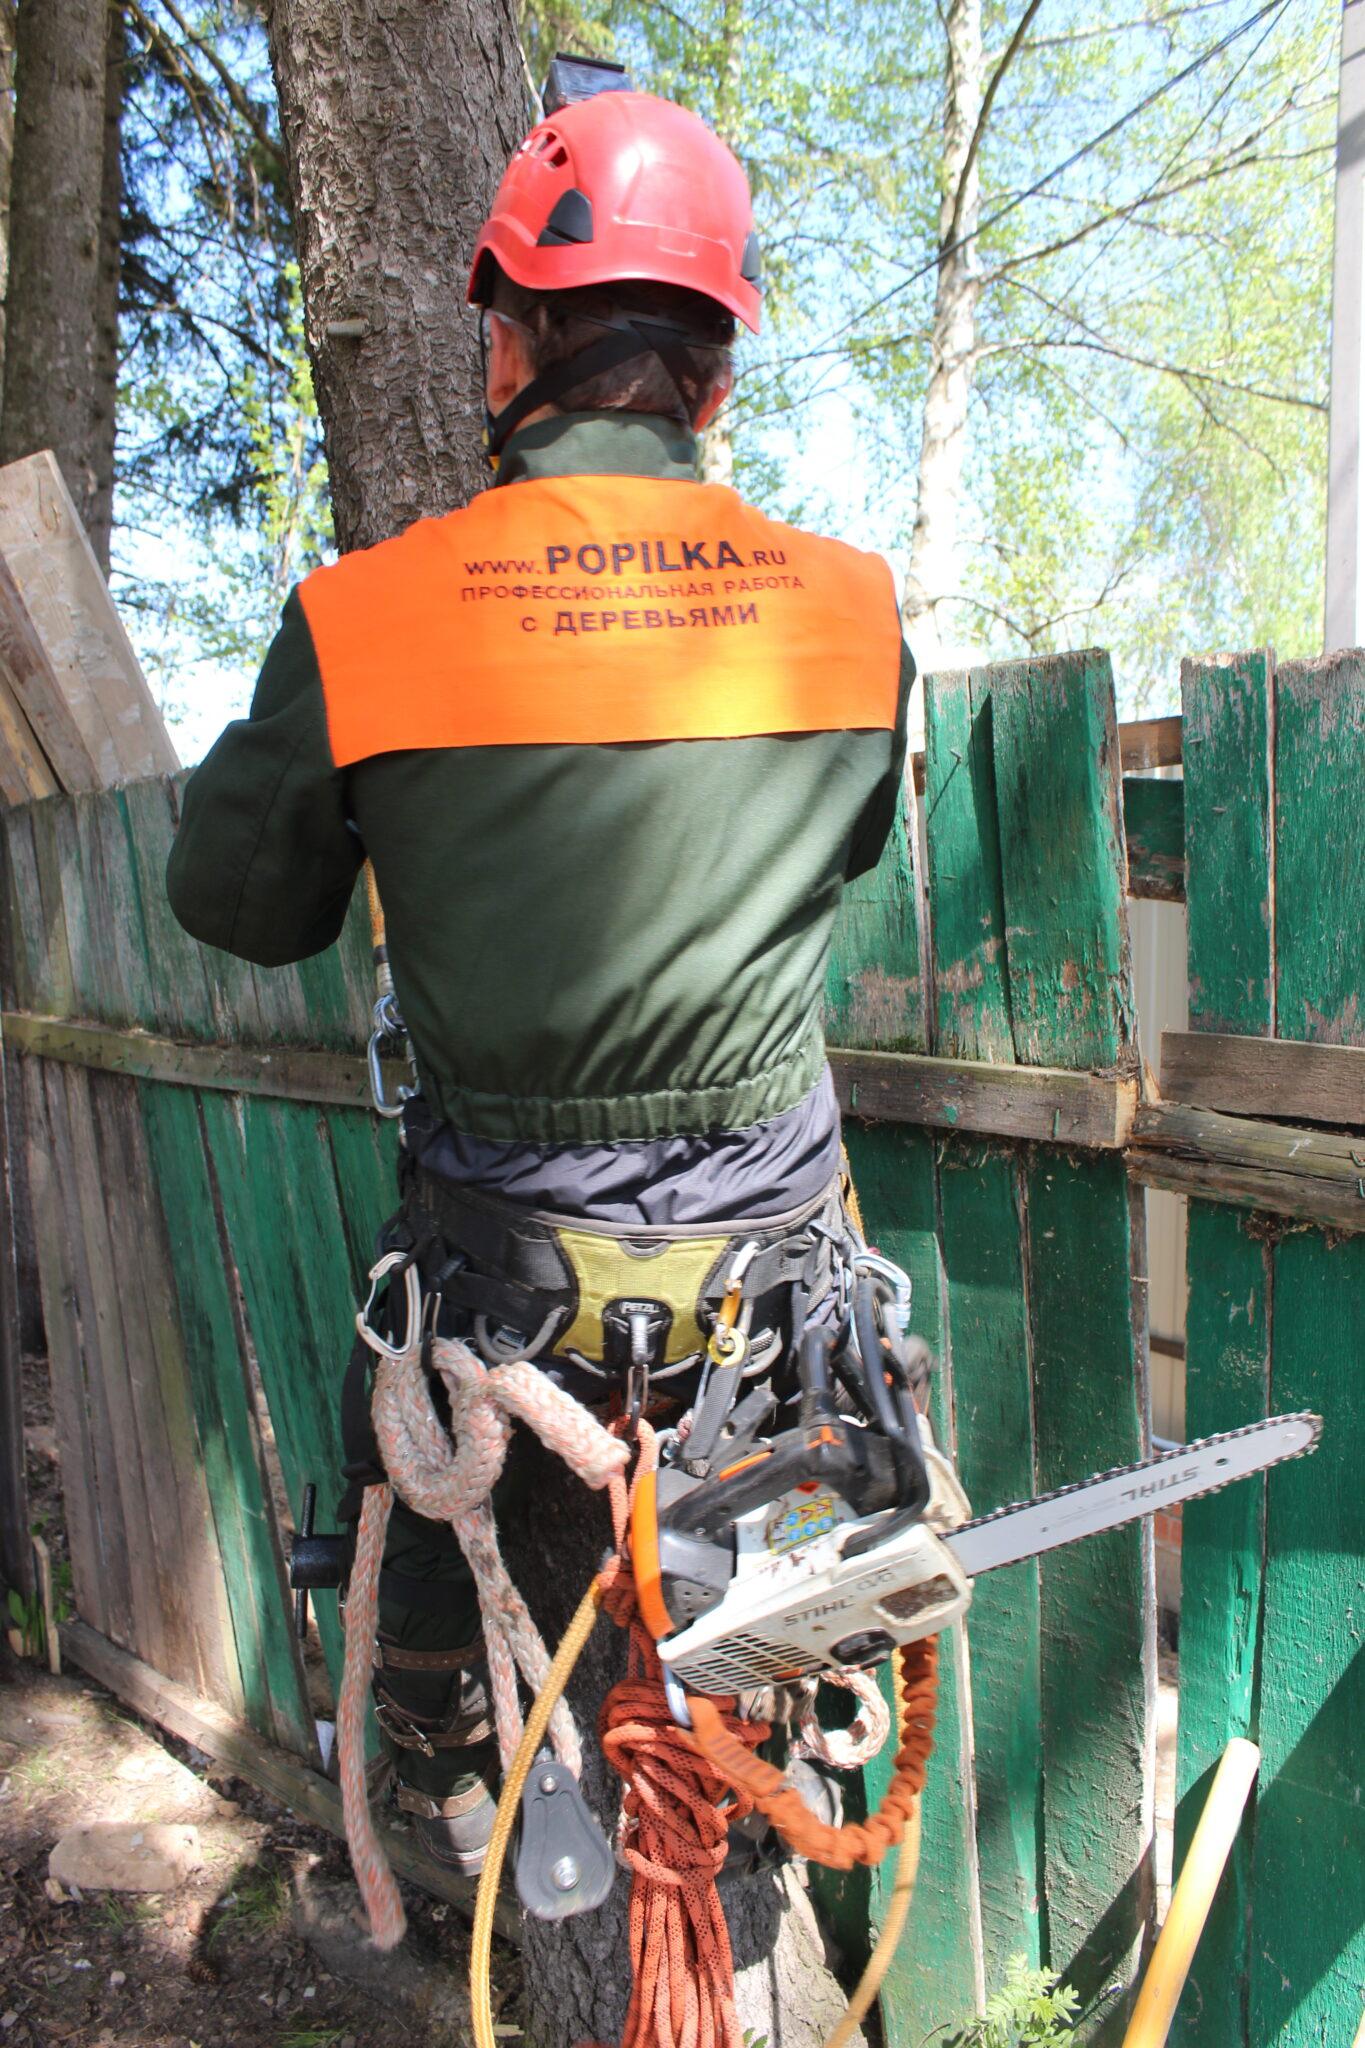 Спил аварийной елки в Семхозе, г. Сергиев Посад, Московская область